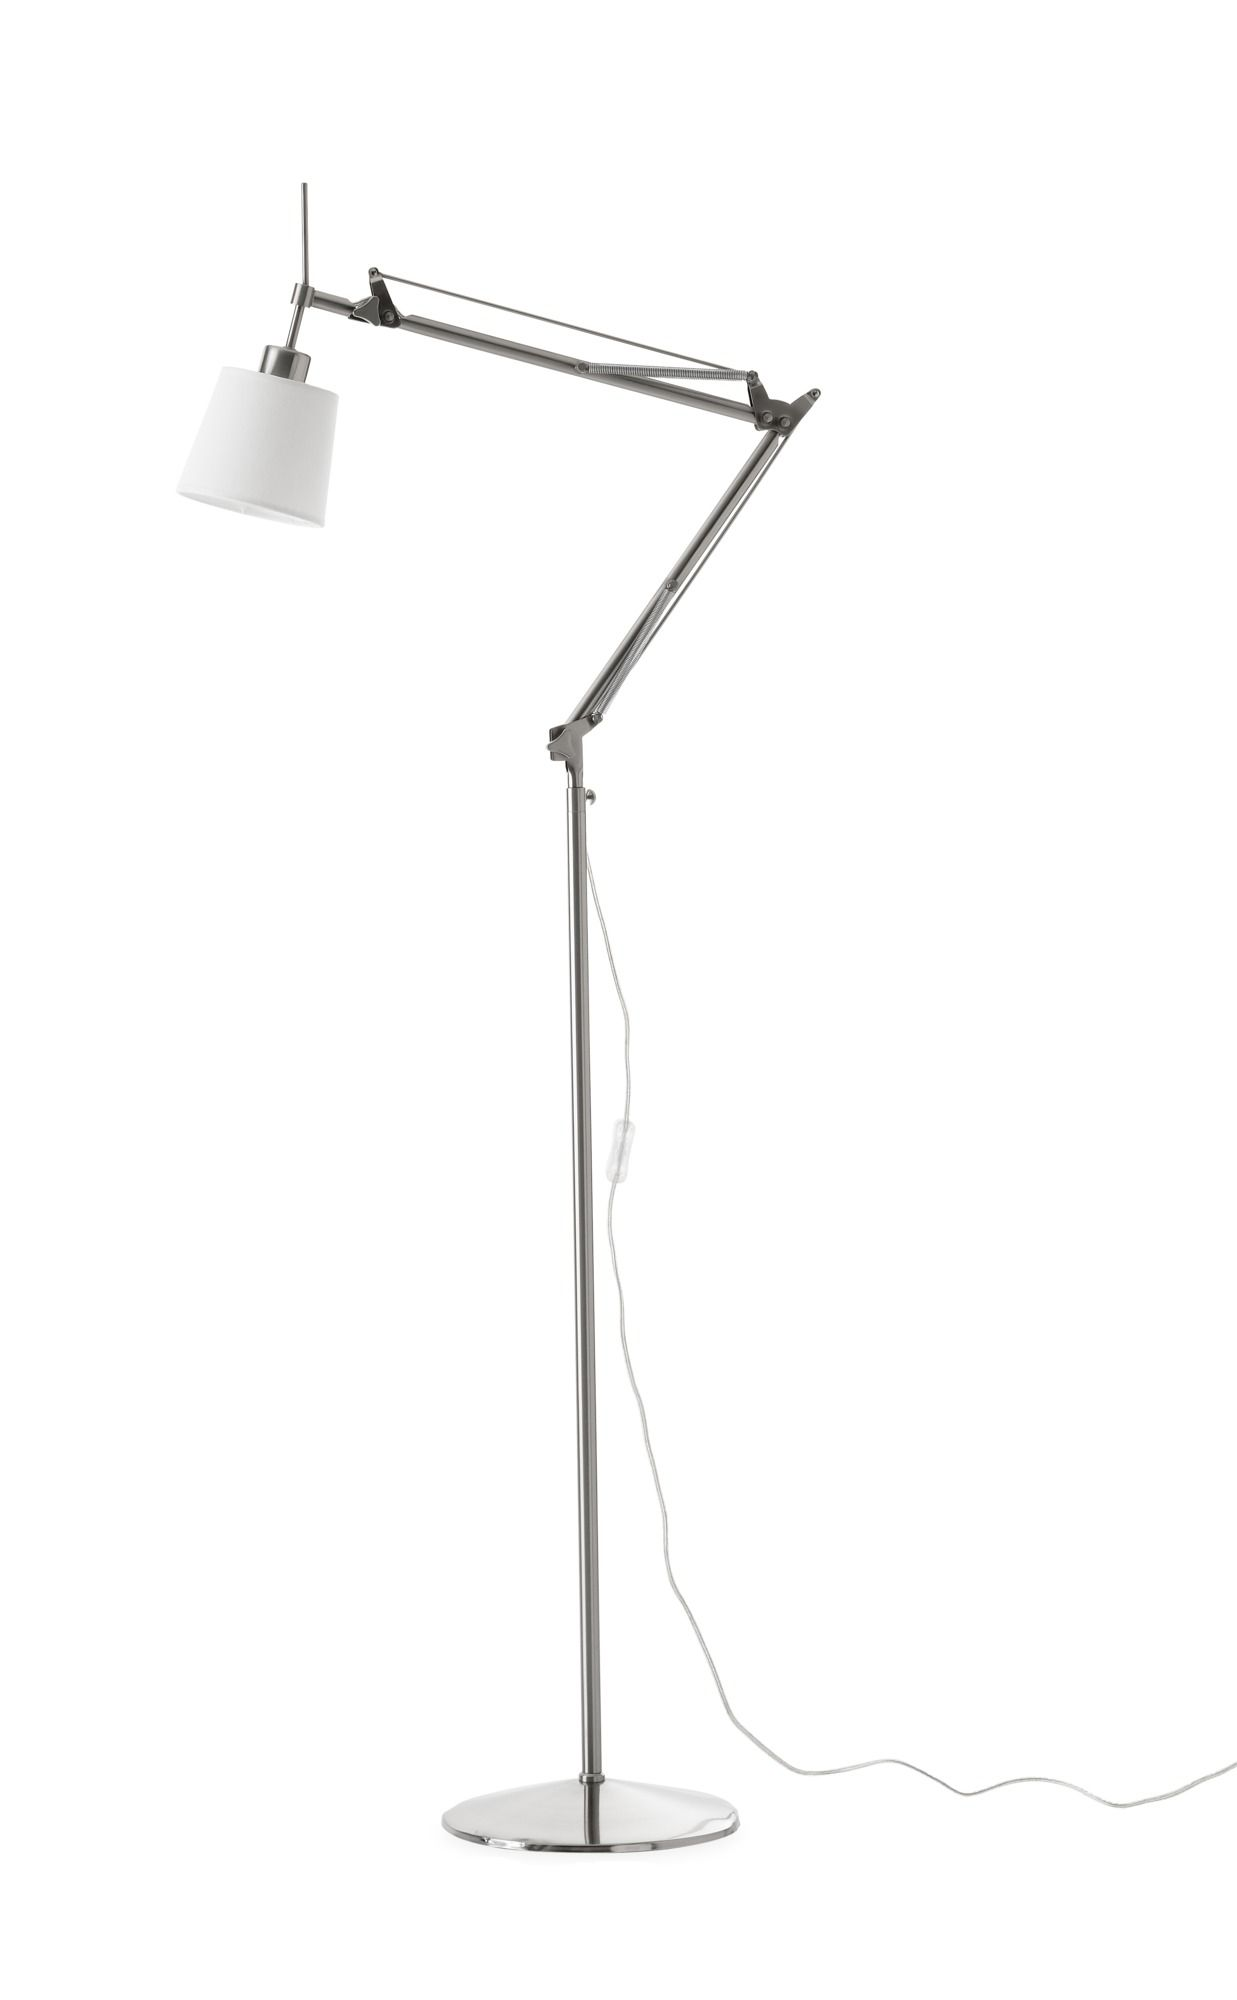 moderne designer lampen online kaufen boconcept saloni pinterest. Black Bedroom Furniture Sets. Home Design Ideas